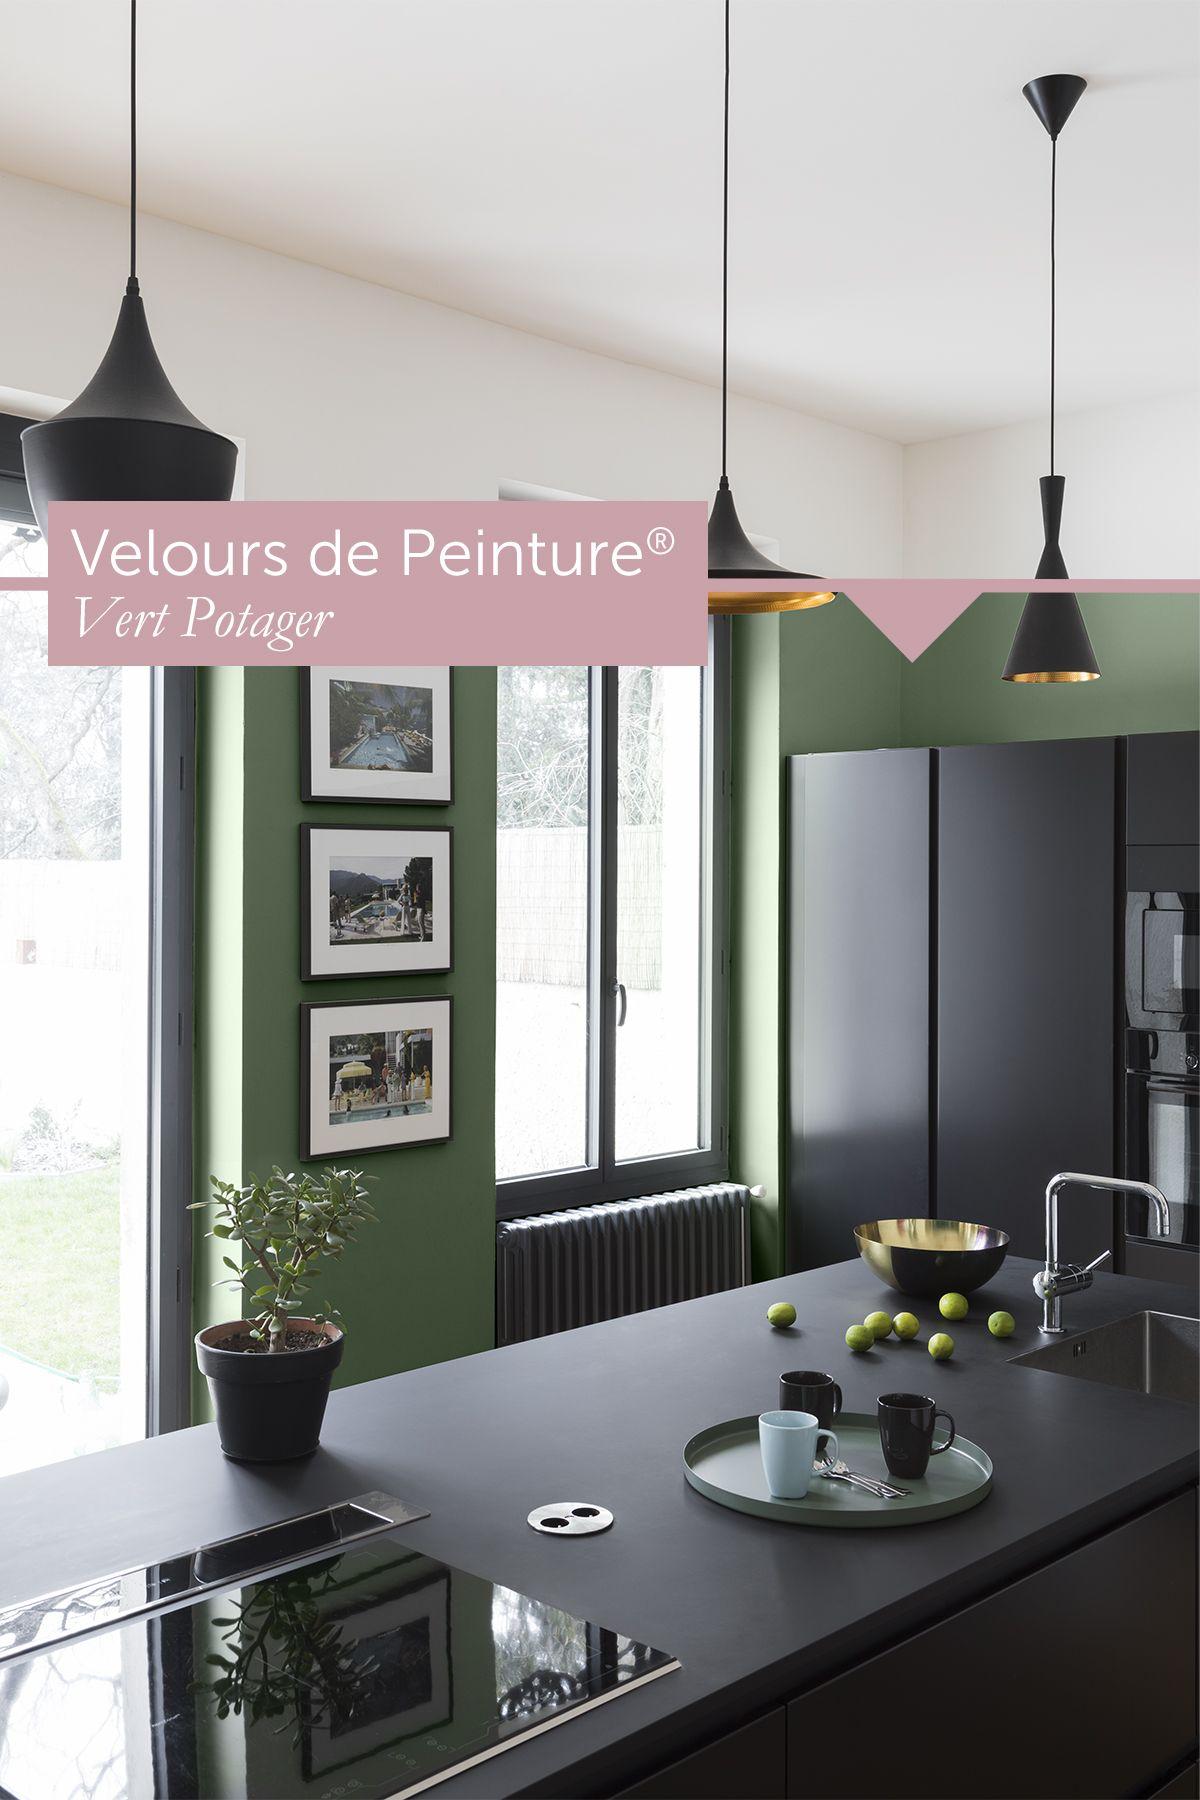 Peinture Murale - Velours de Peinture ® - Libéron  Décoration